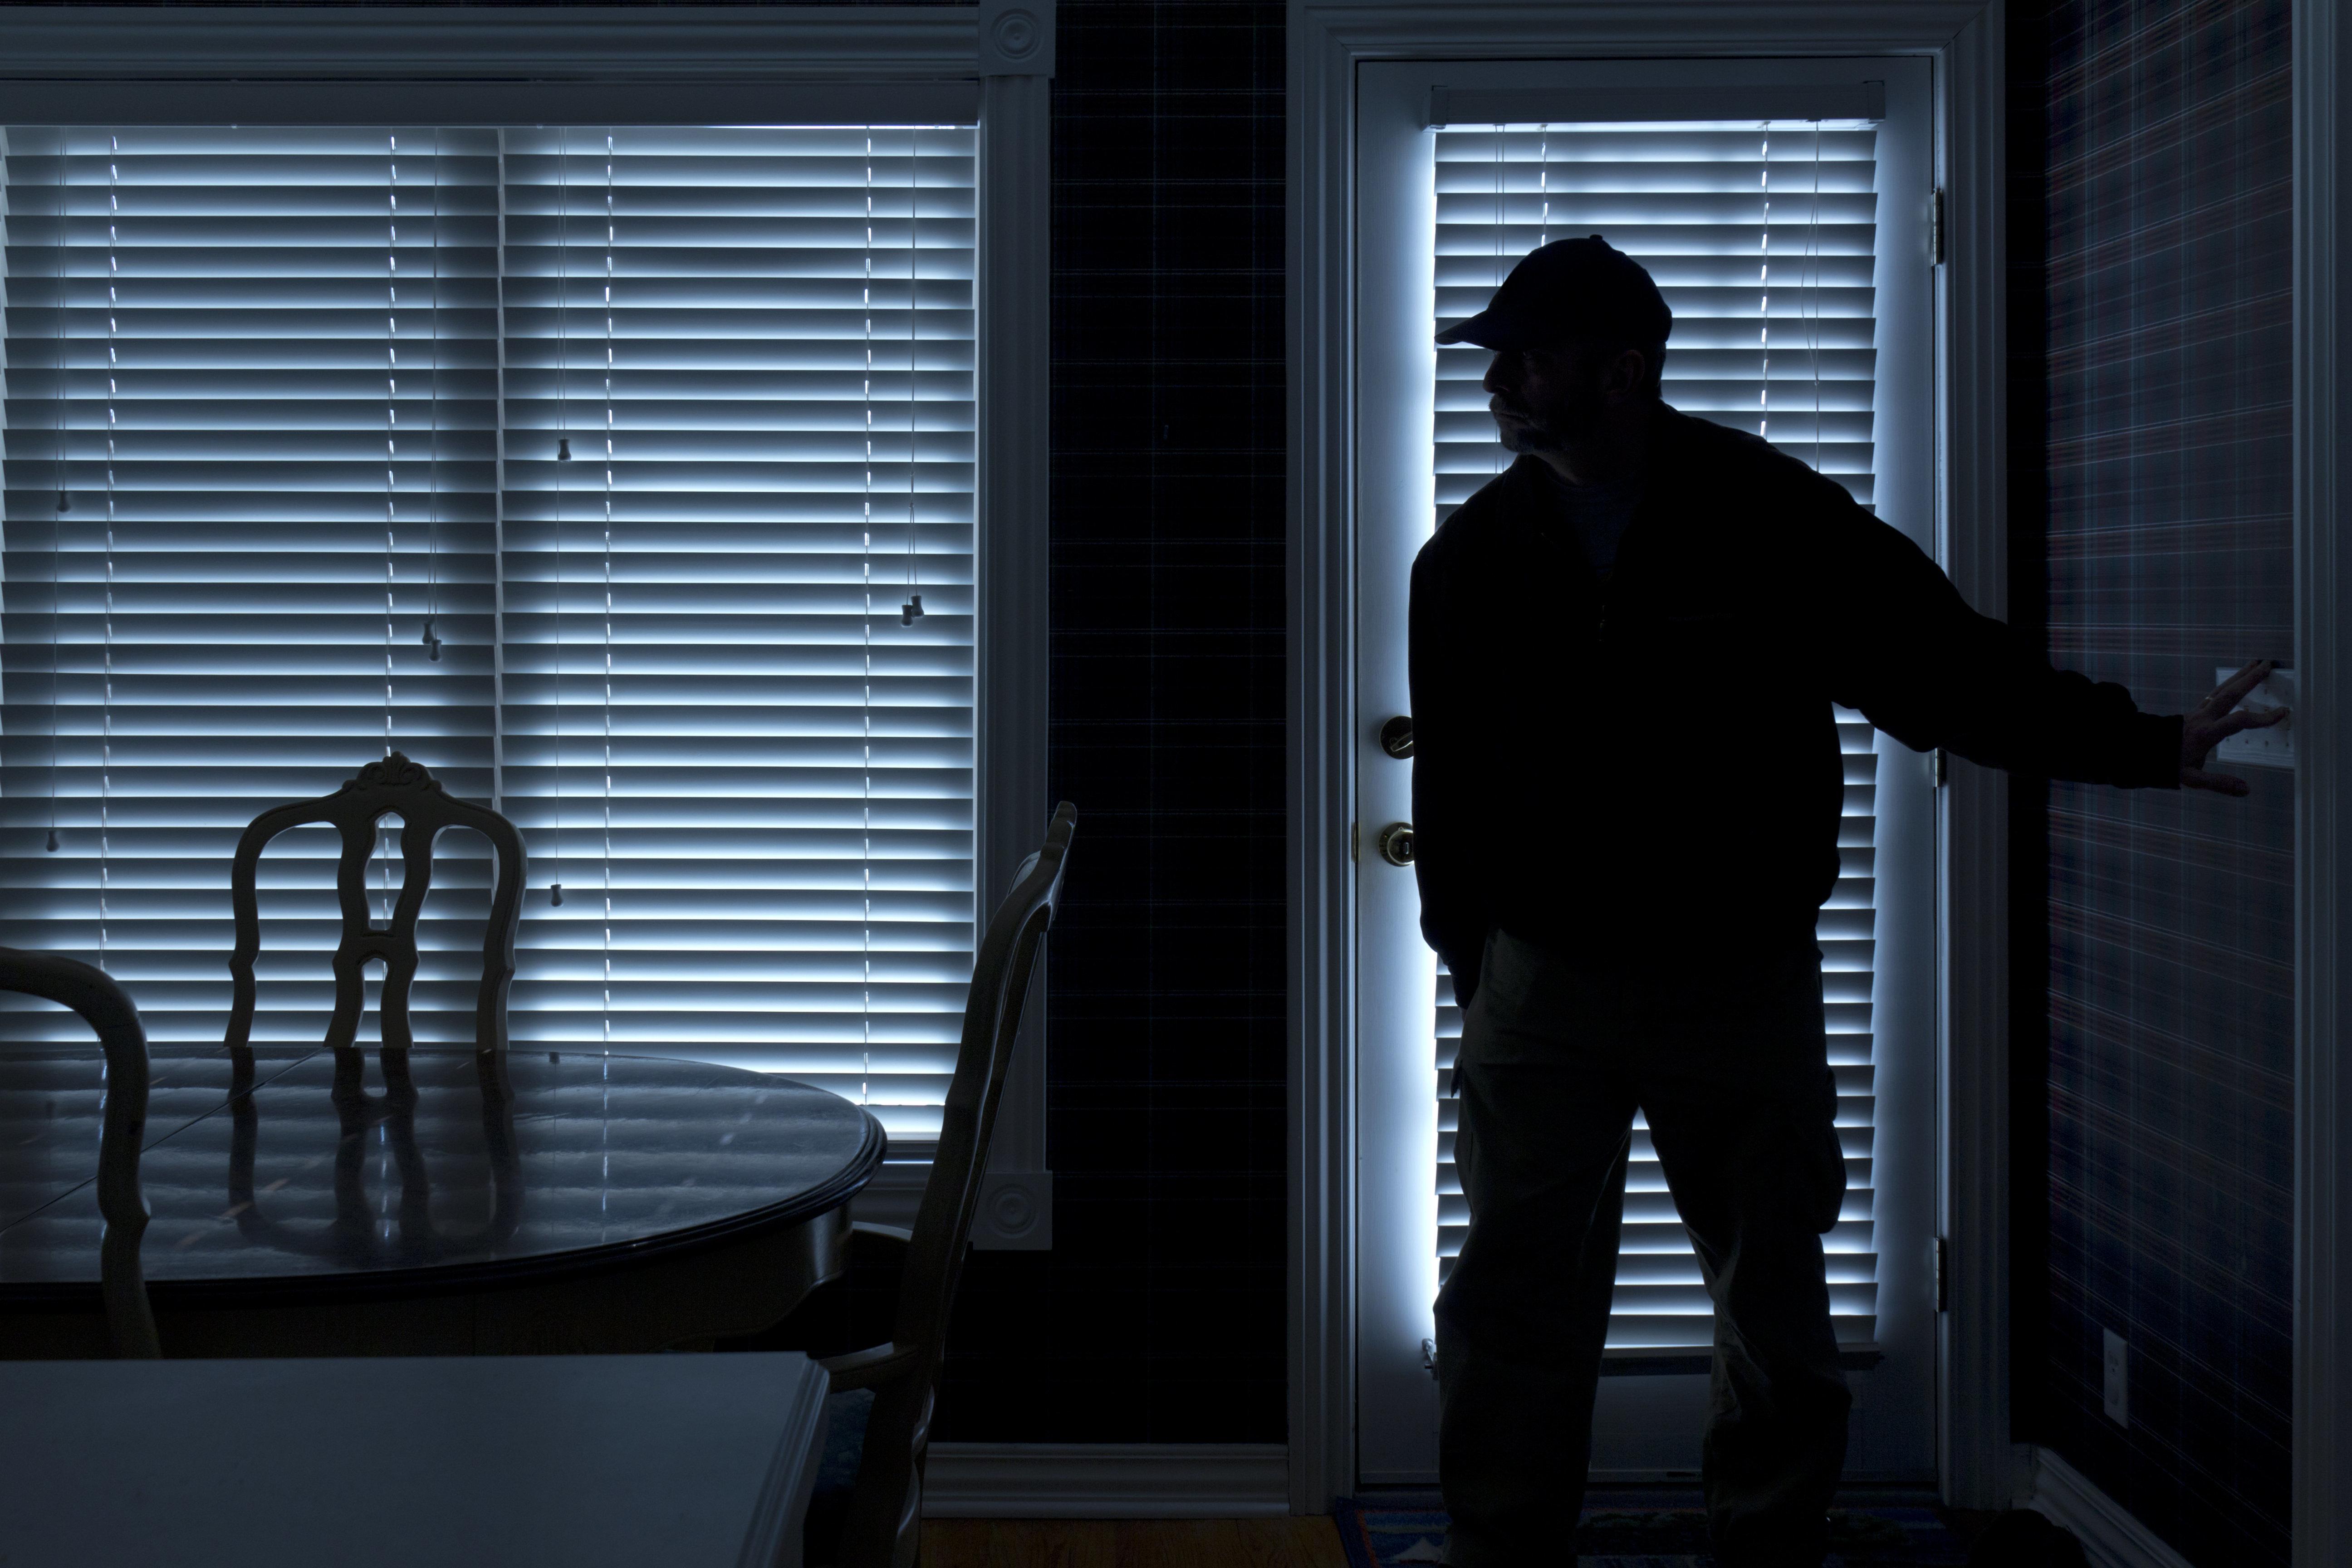 Frau denkt, Unbekannter ist ein Einbrecher - dann kommt raus, was er wirklich in der Wohnung vorhat